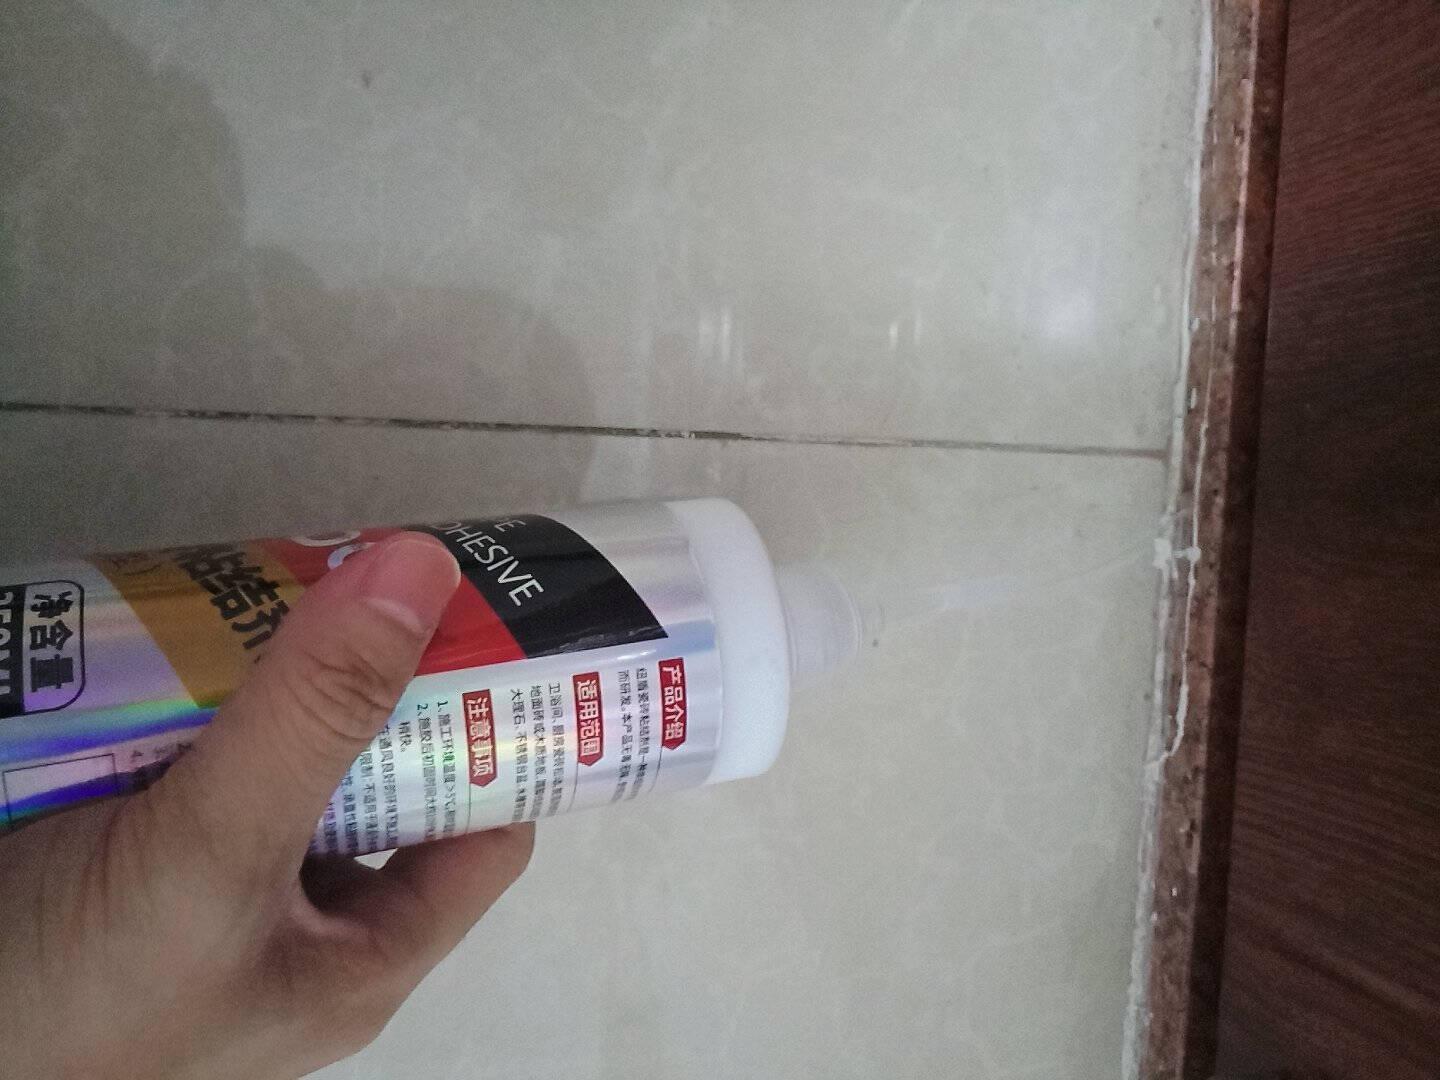 纽盾防霉玻璃胶通用型填缝密封胶防水胶水耐候硅胶收封边胶强力胶水0级防霉密封胶透明